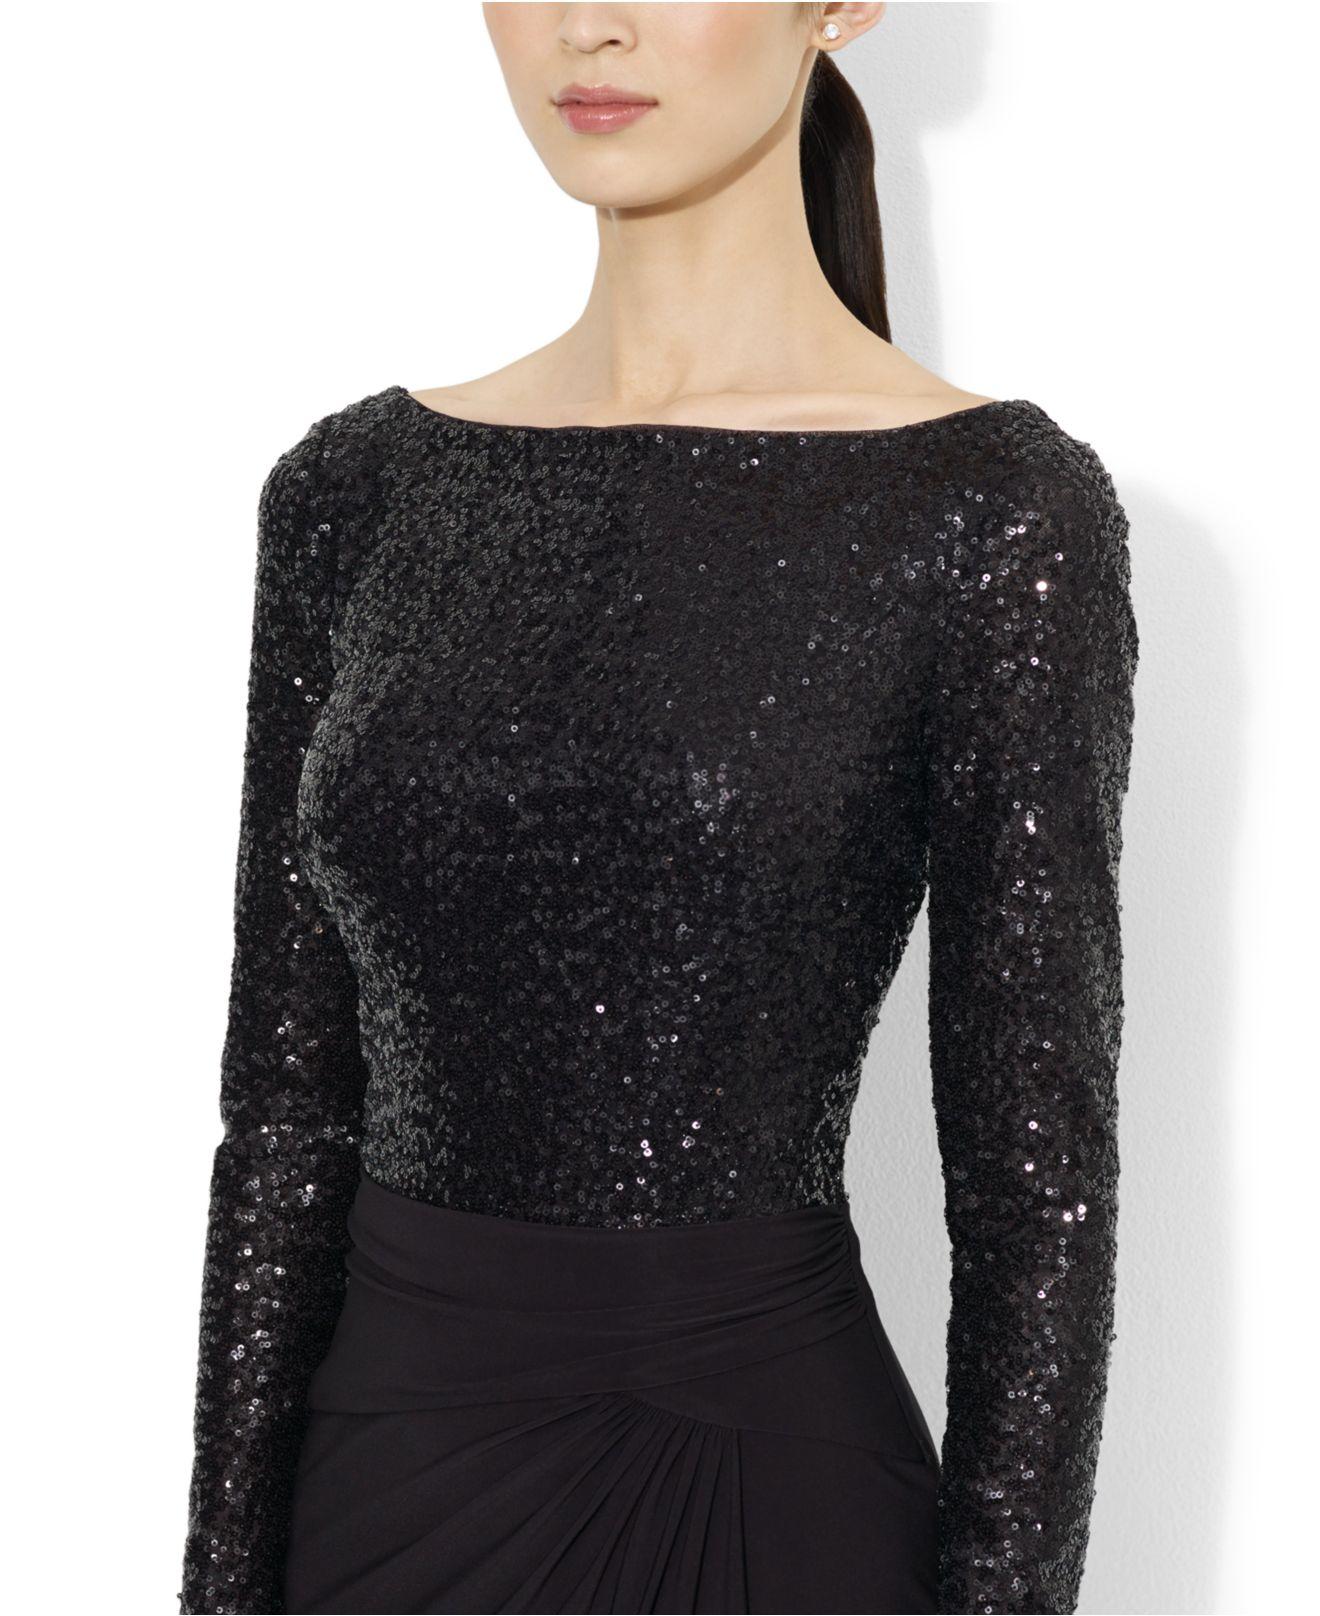 Lyst - Lauren By Ralph Lauren Long-Sleeve Sequined Dress in Black